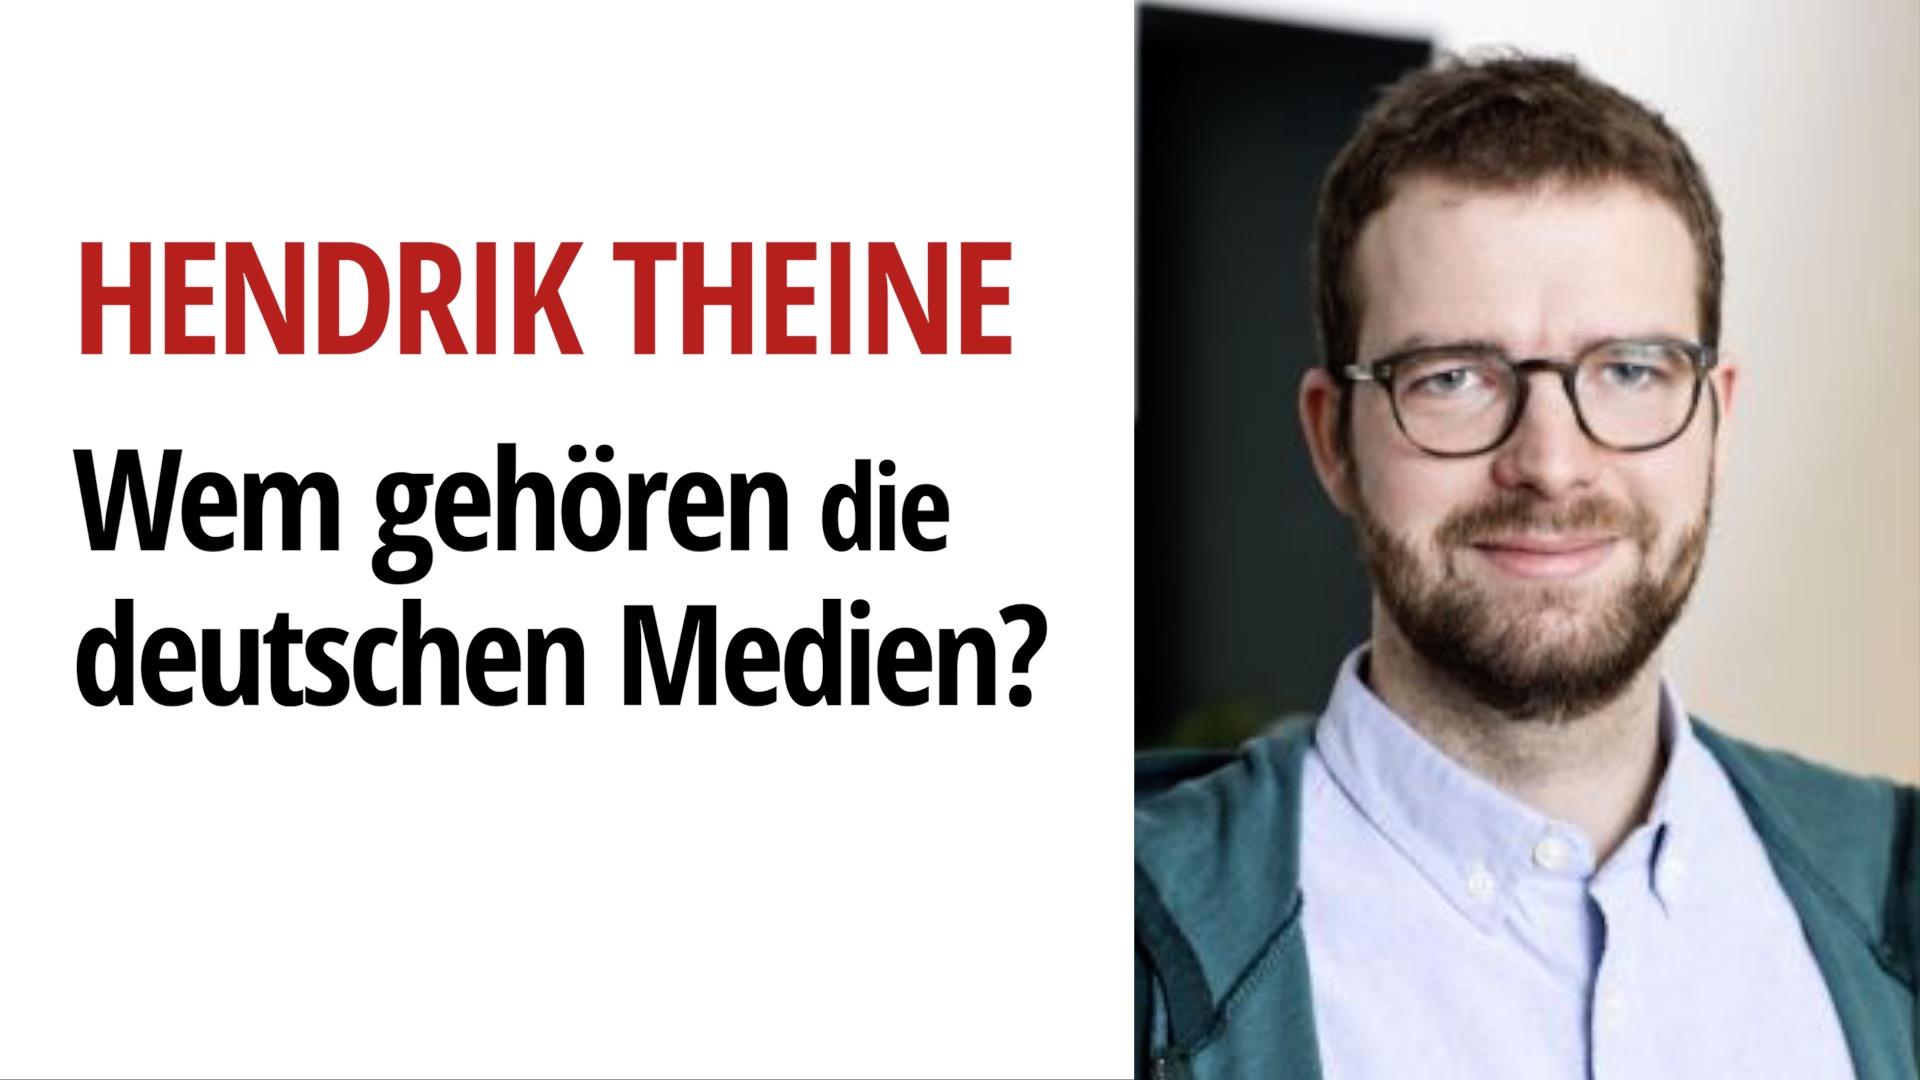 Hendrik Theine deutschen medien